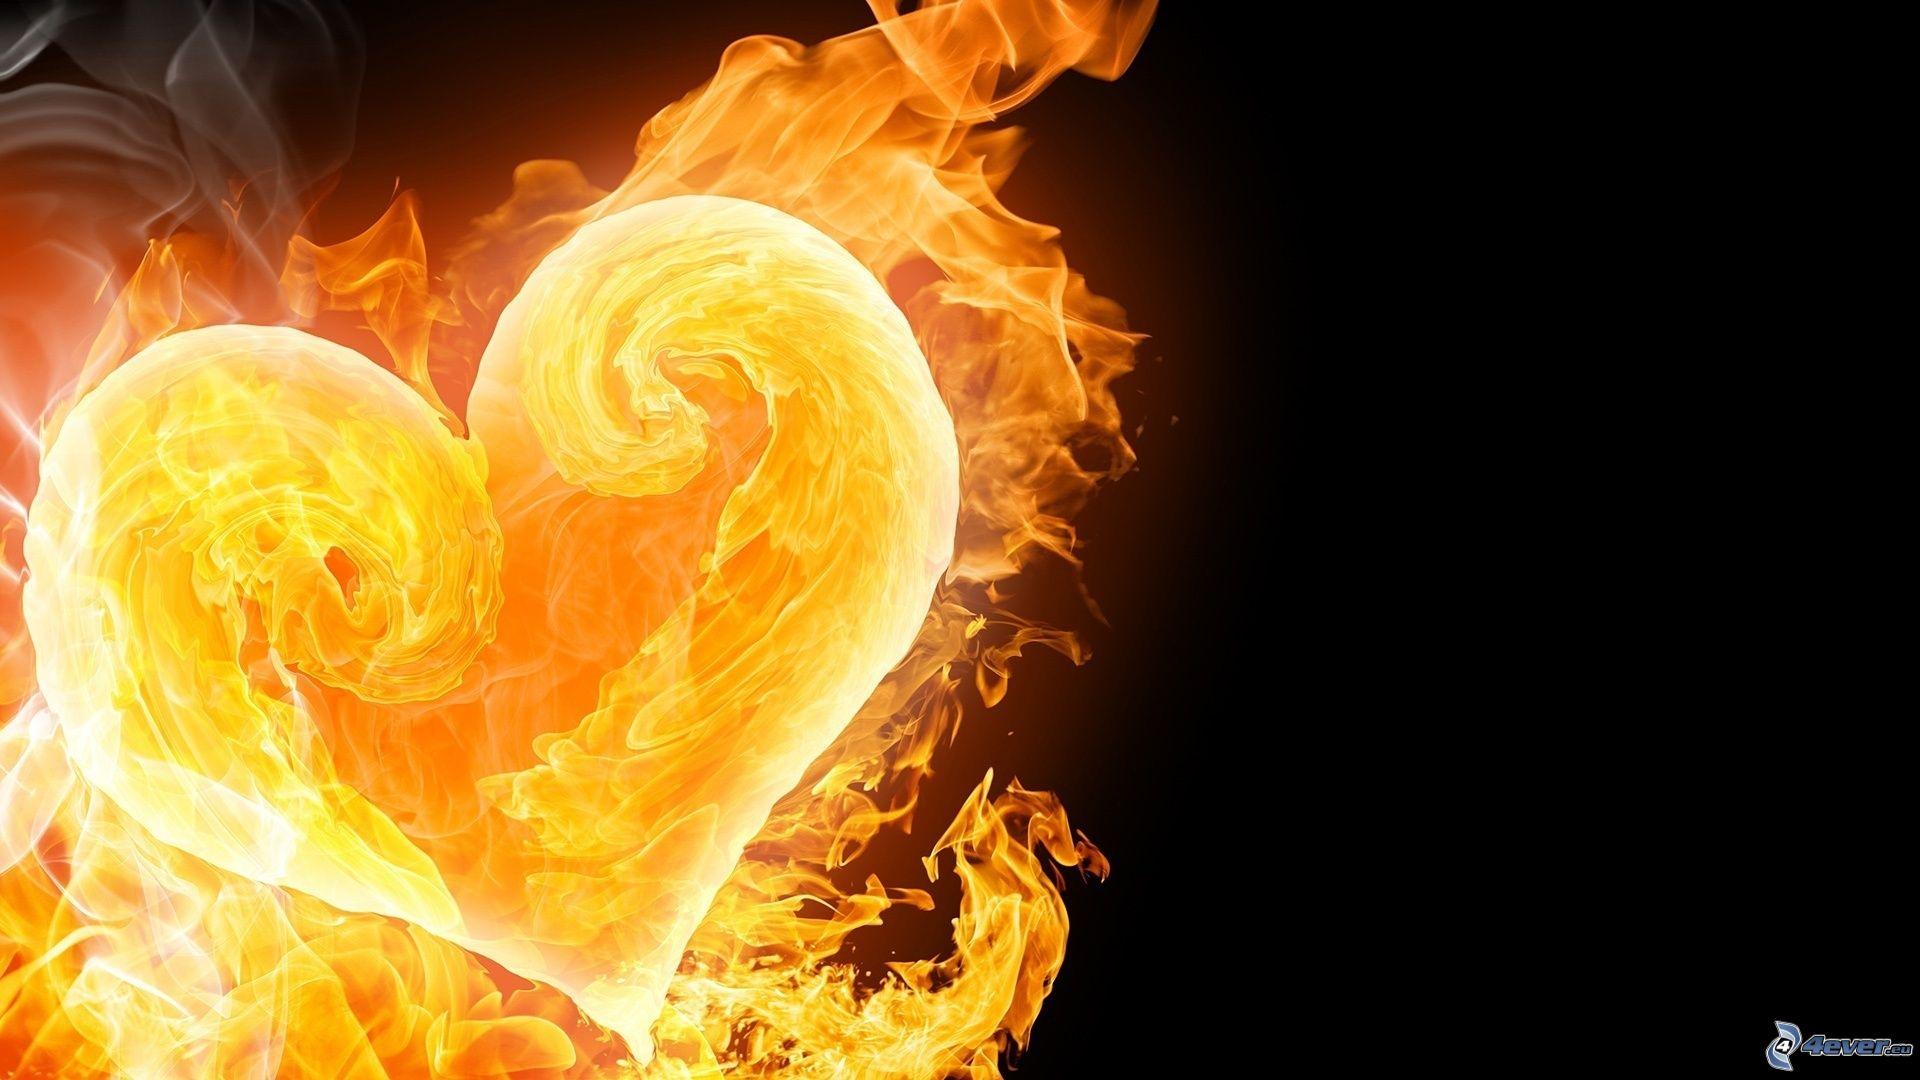 fire-heart-160574